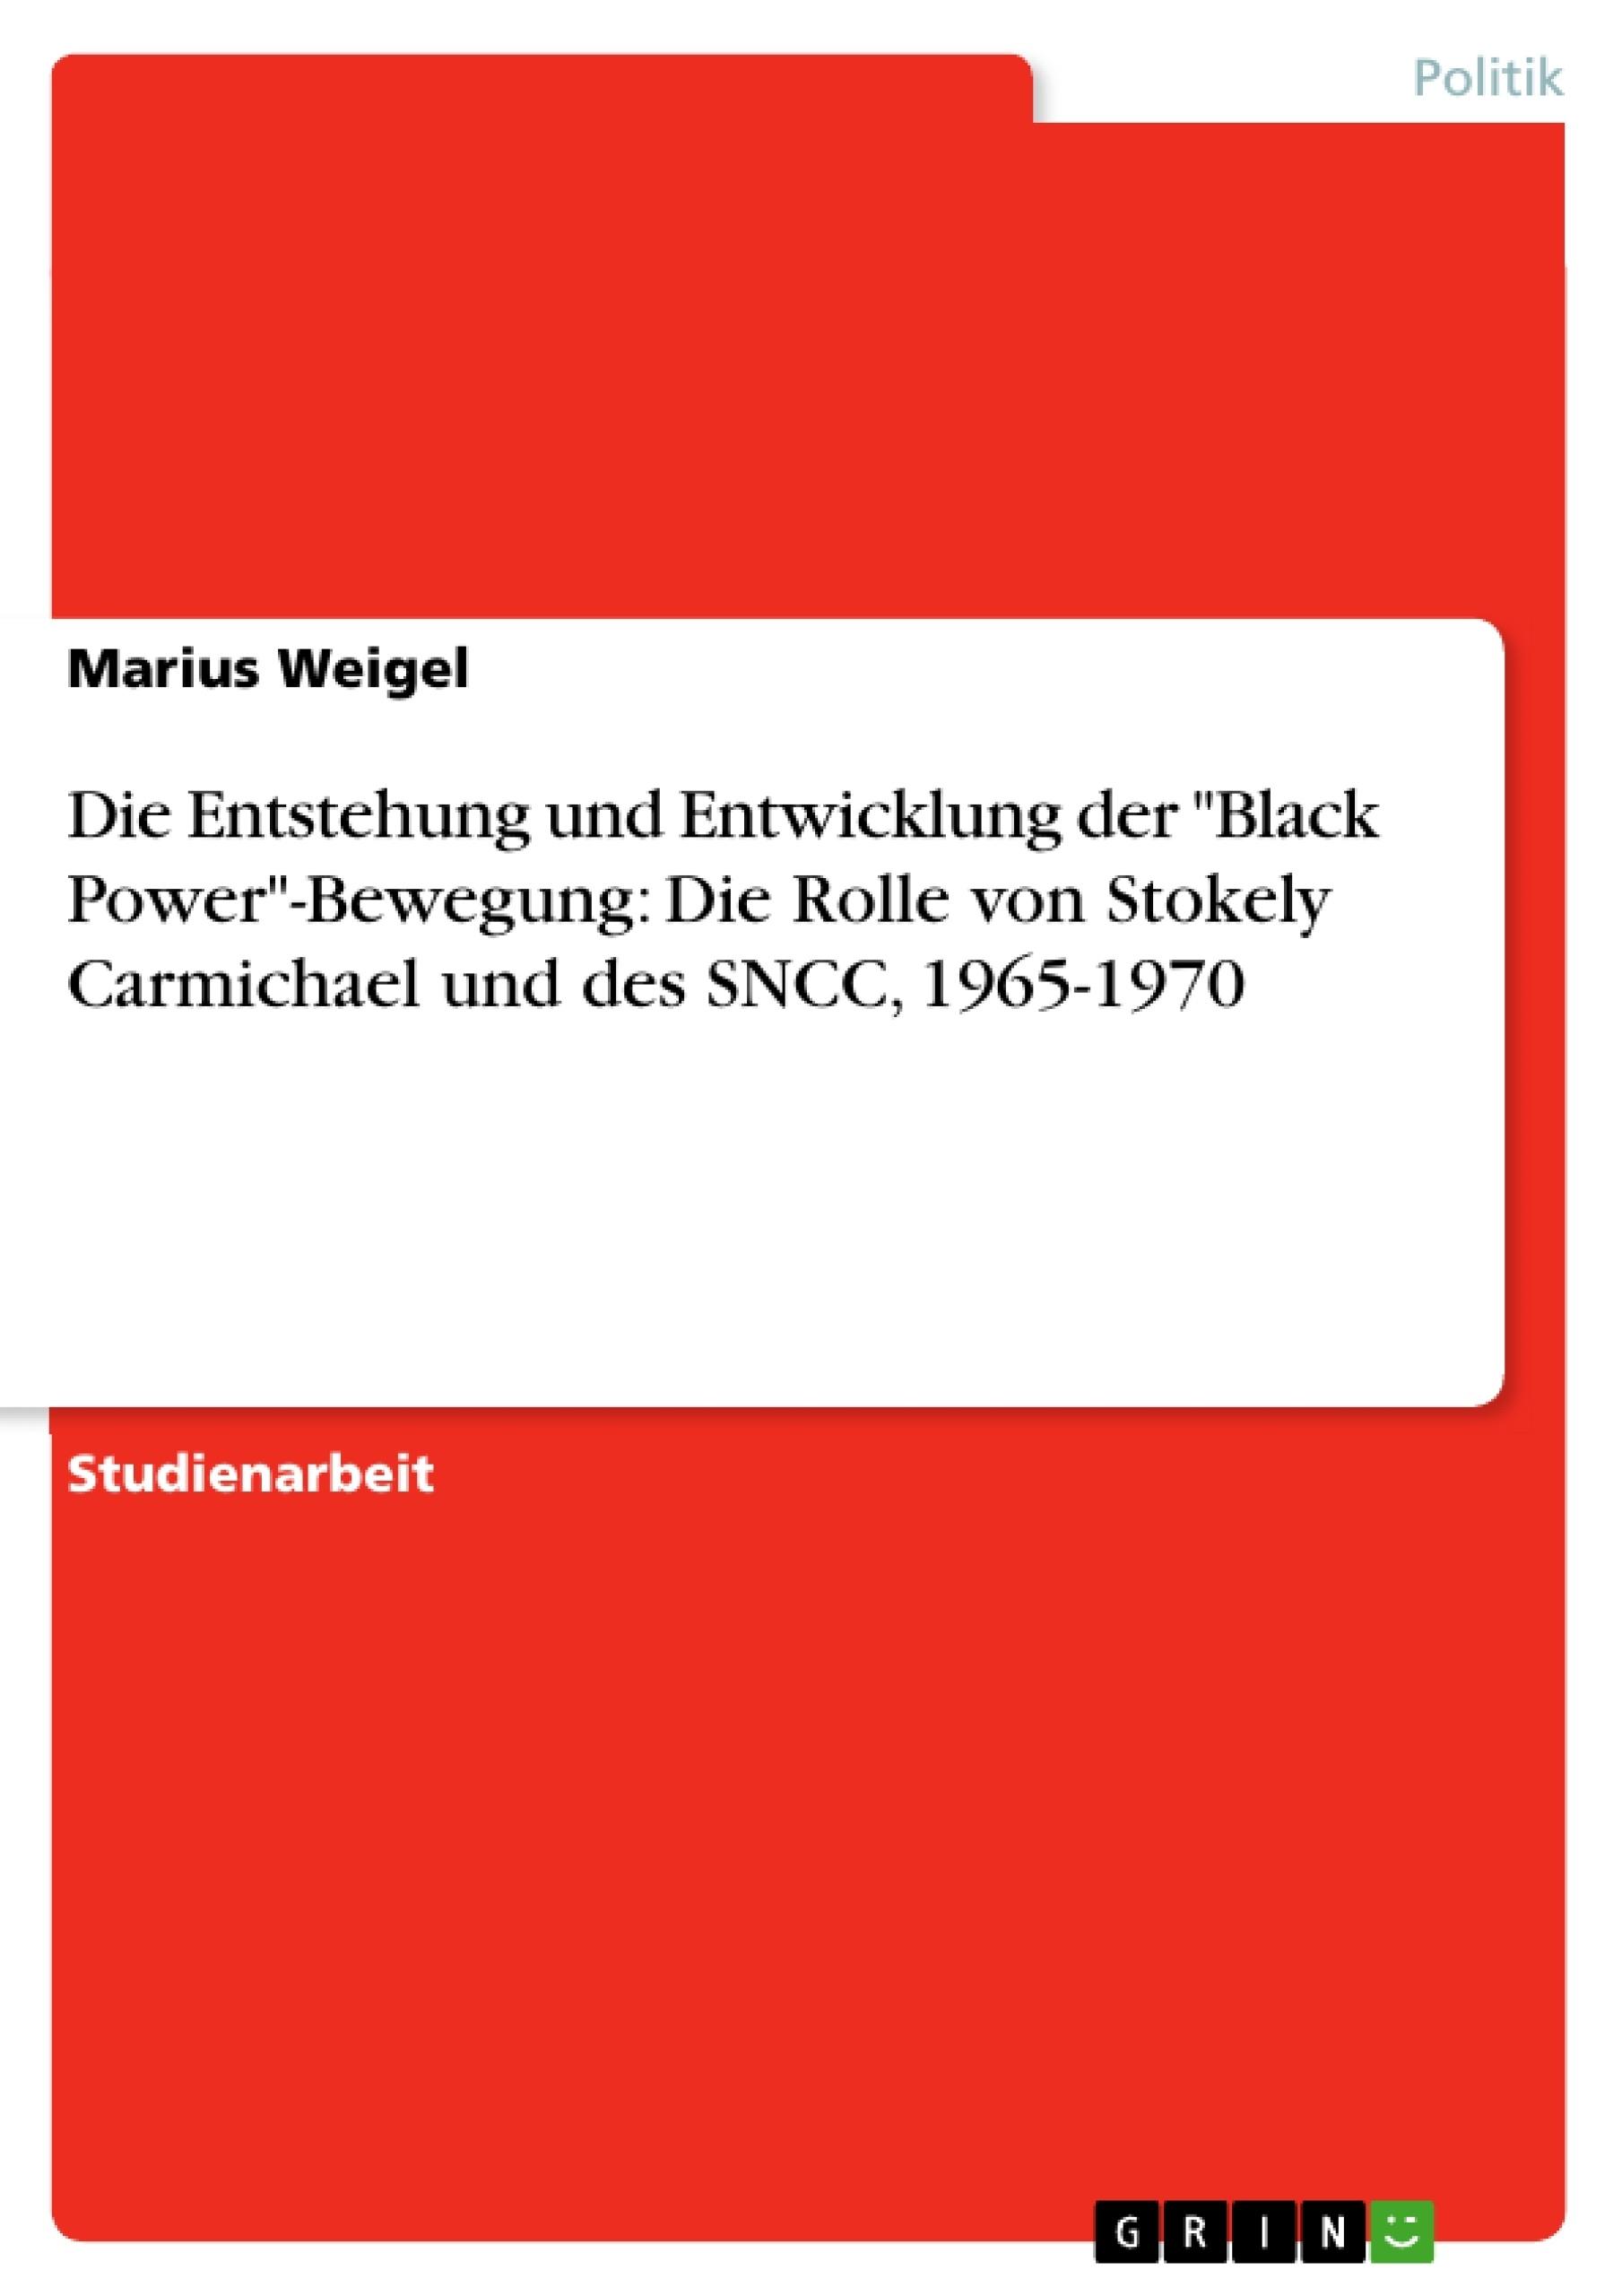 """Titel: Die Entstehung und Entwicklung der """"Black Power""""-Bewegung: Die Rolle von Stokely Carmichael und des SNCC, 1965-1970"""